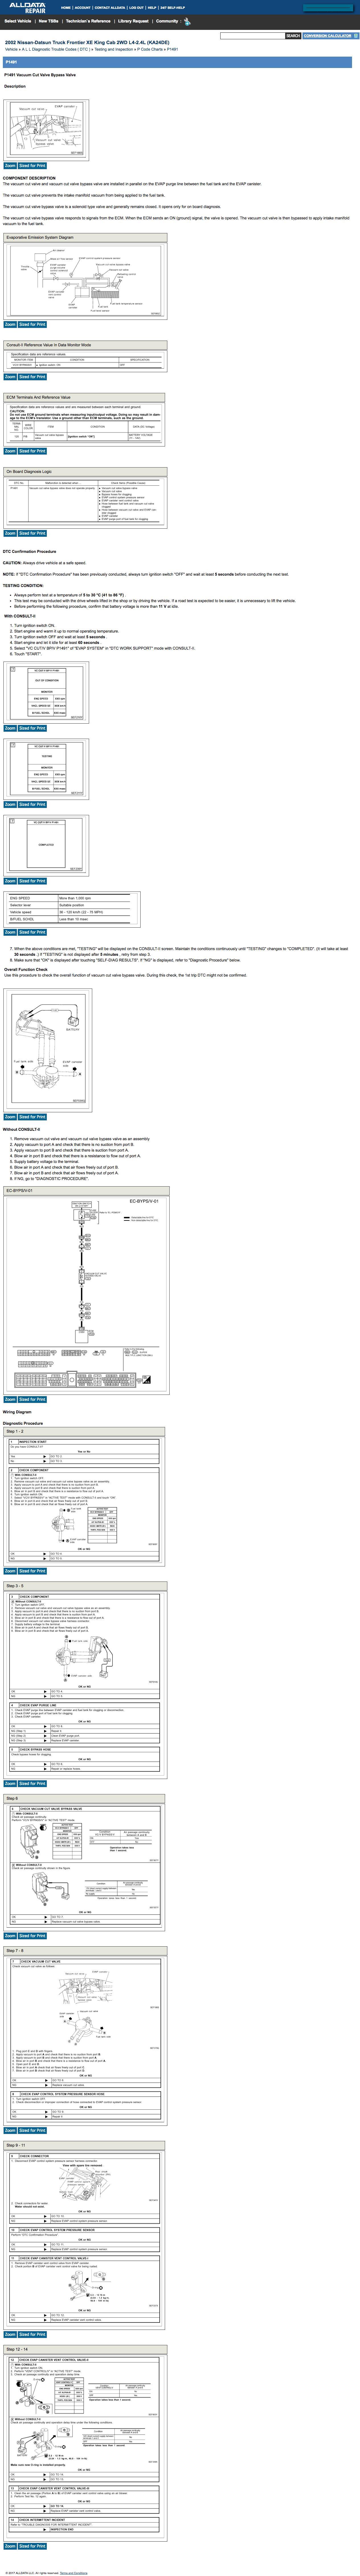 Nissan Rogue Service Manual: P0462, P0463 fuel level sensor